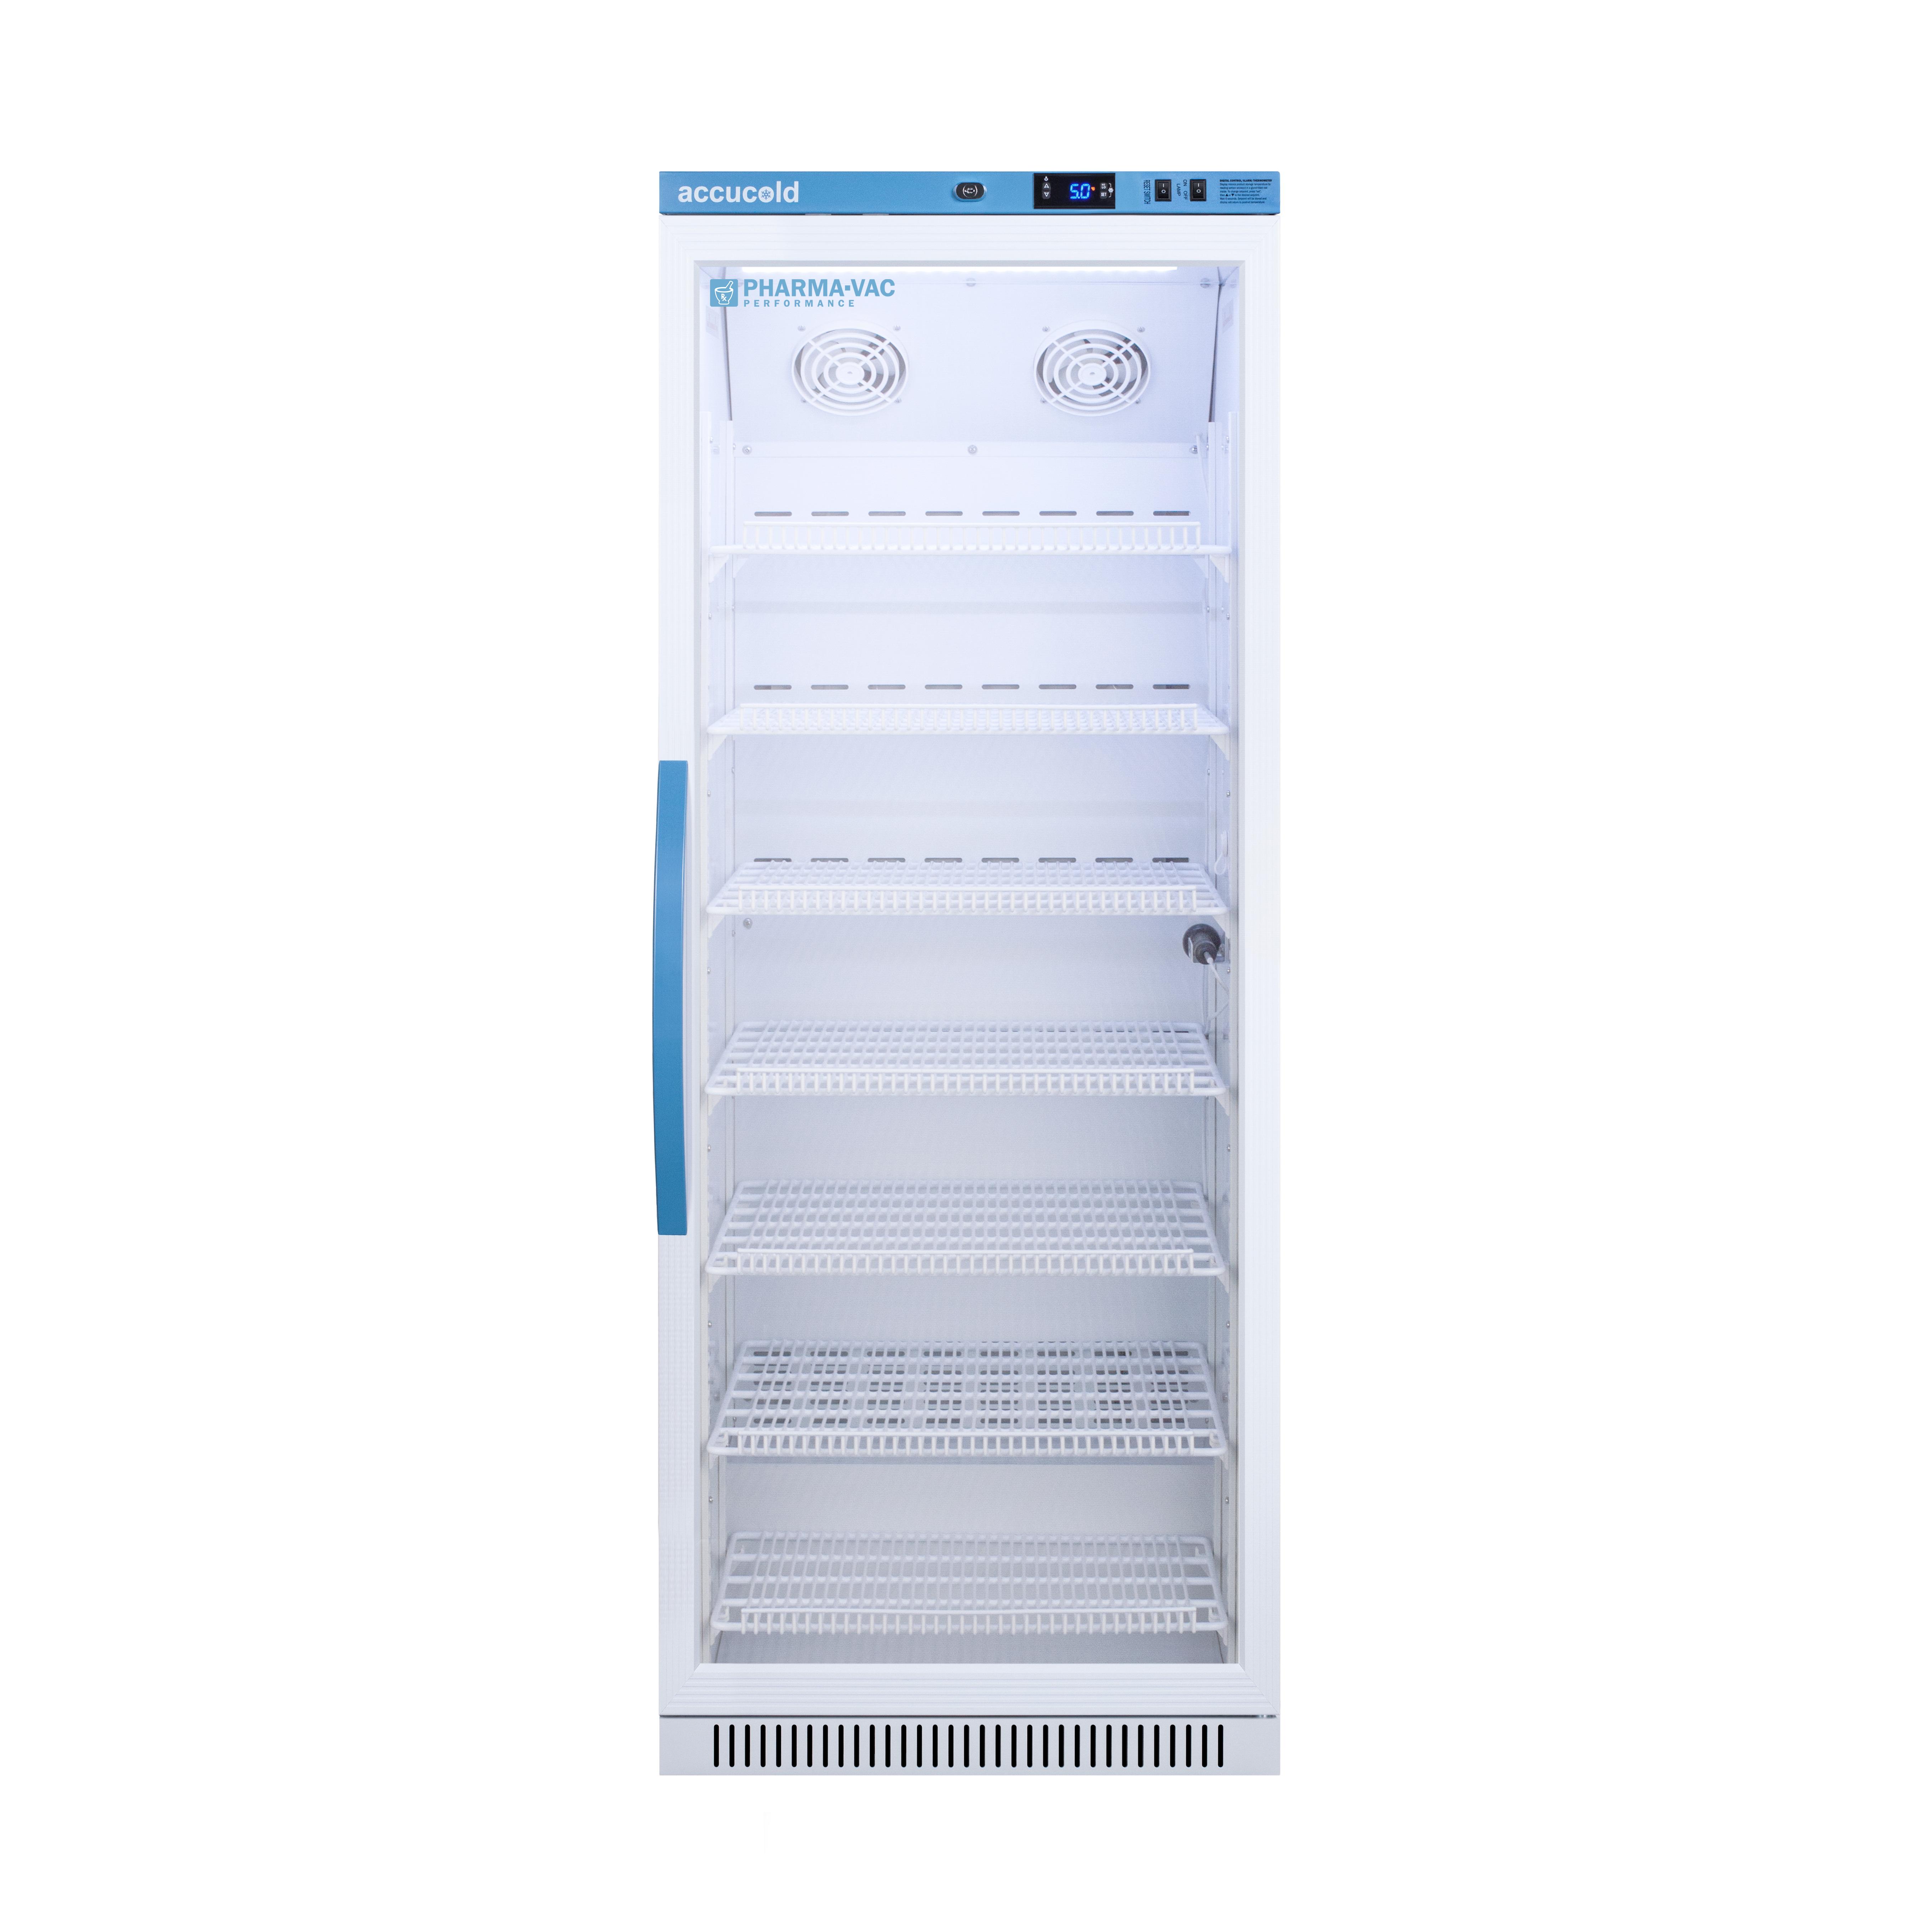 Summit Appliance ARG12PV refrigerator, medical